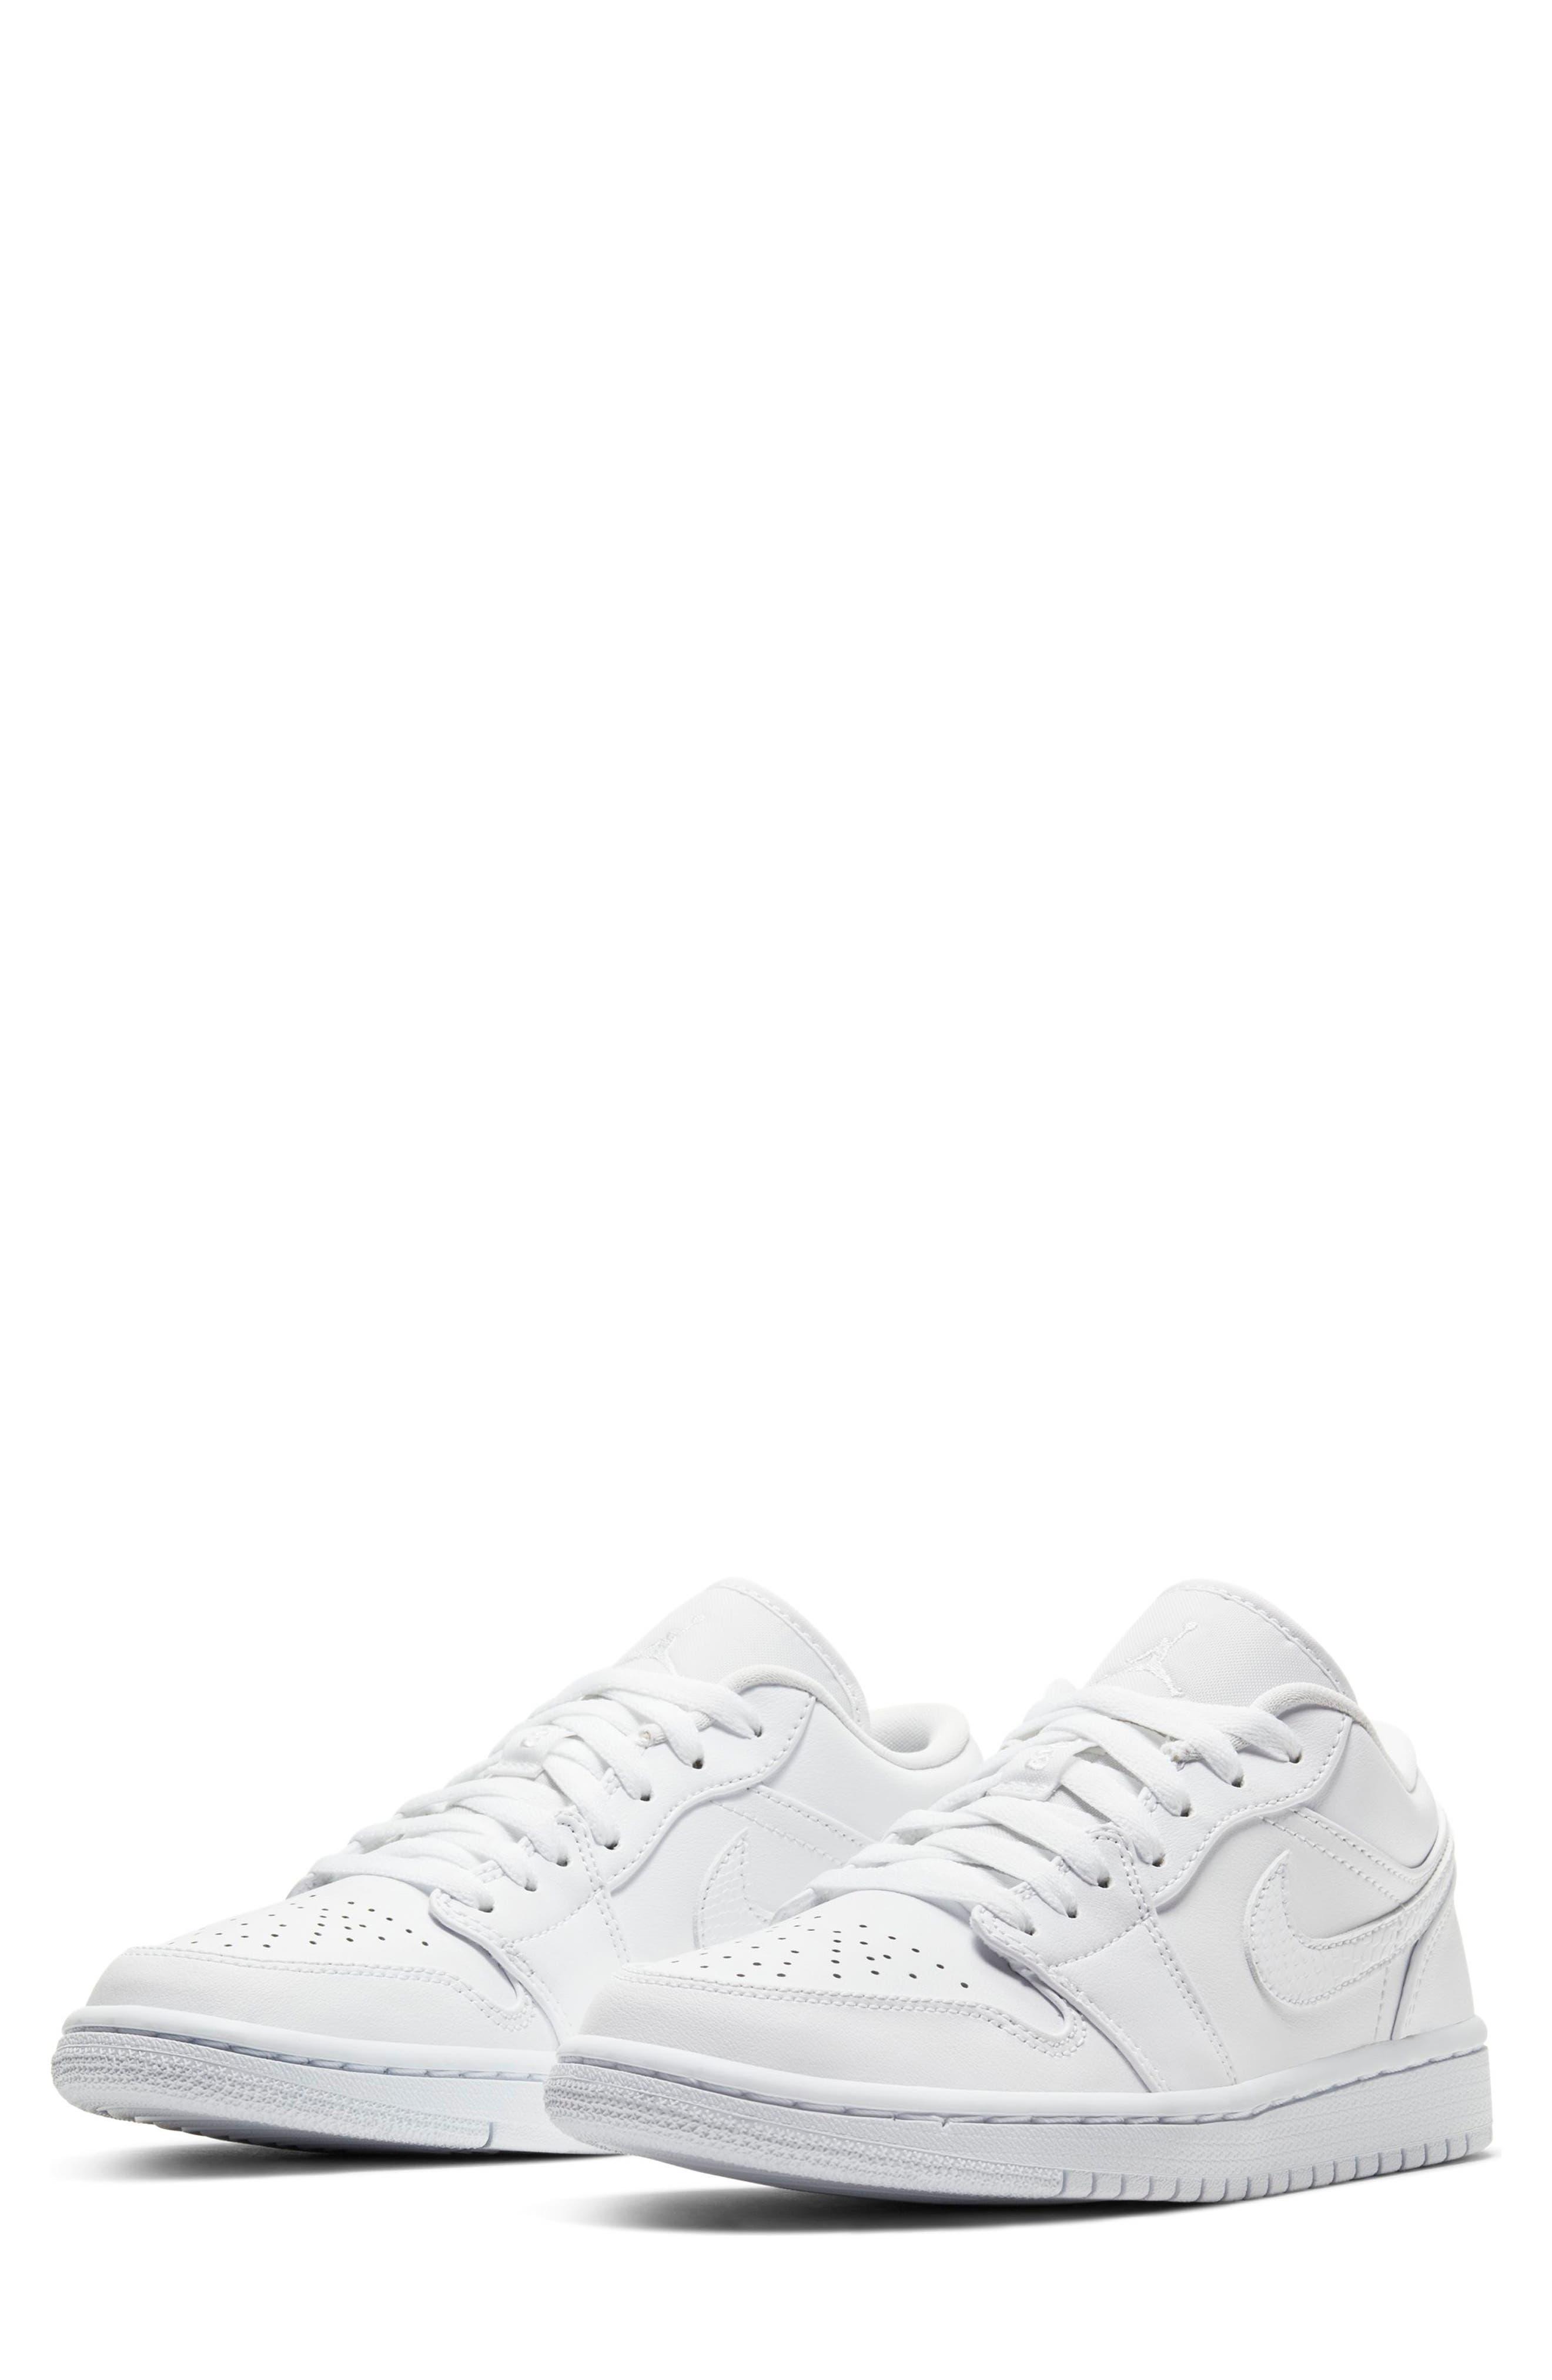 jordan sneakers for women